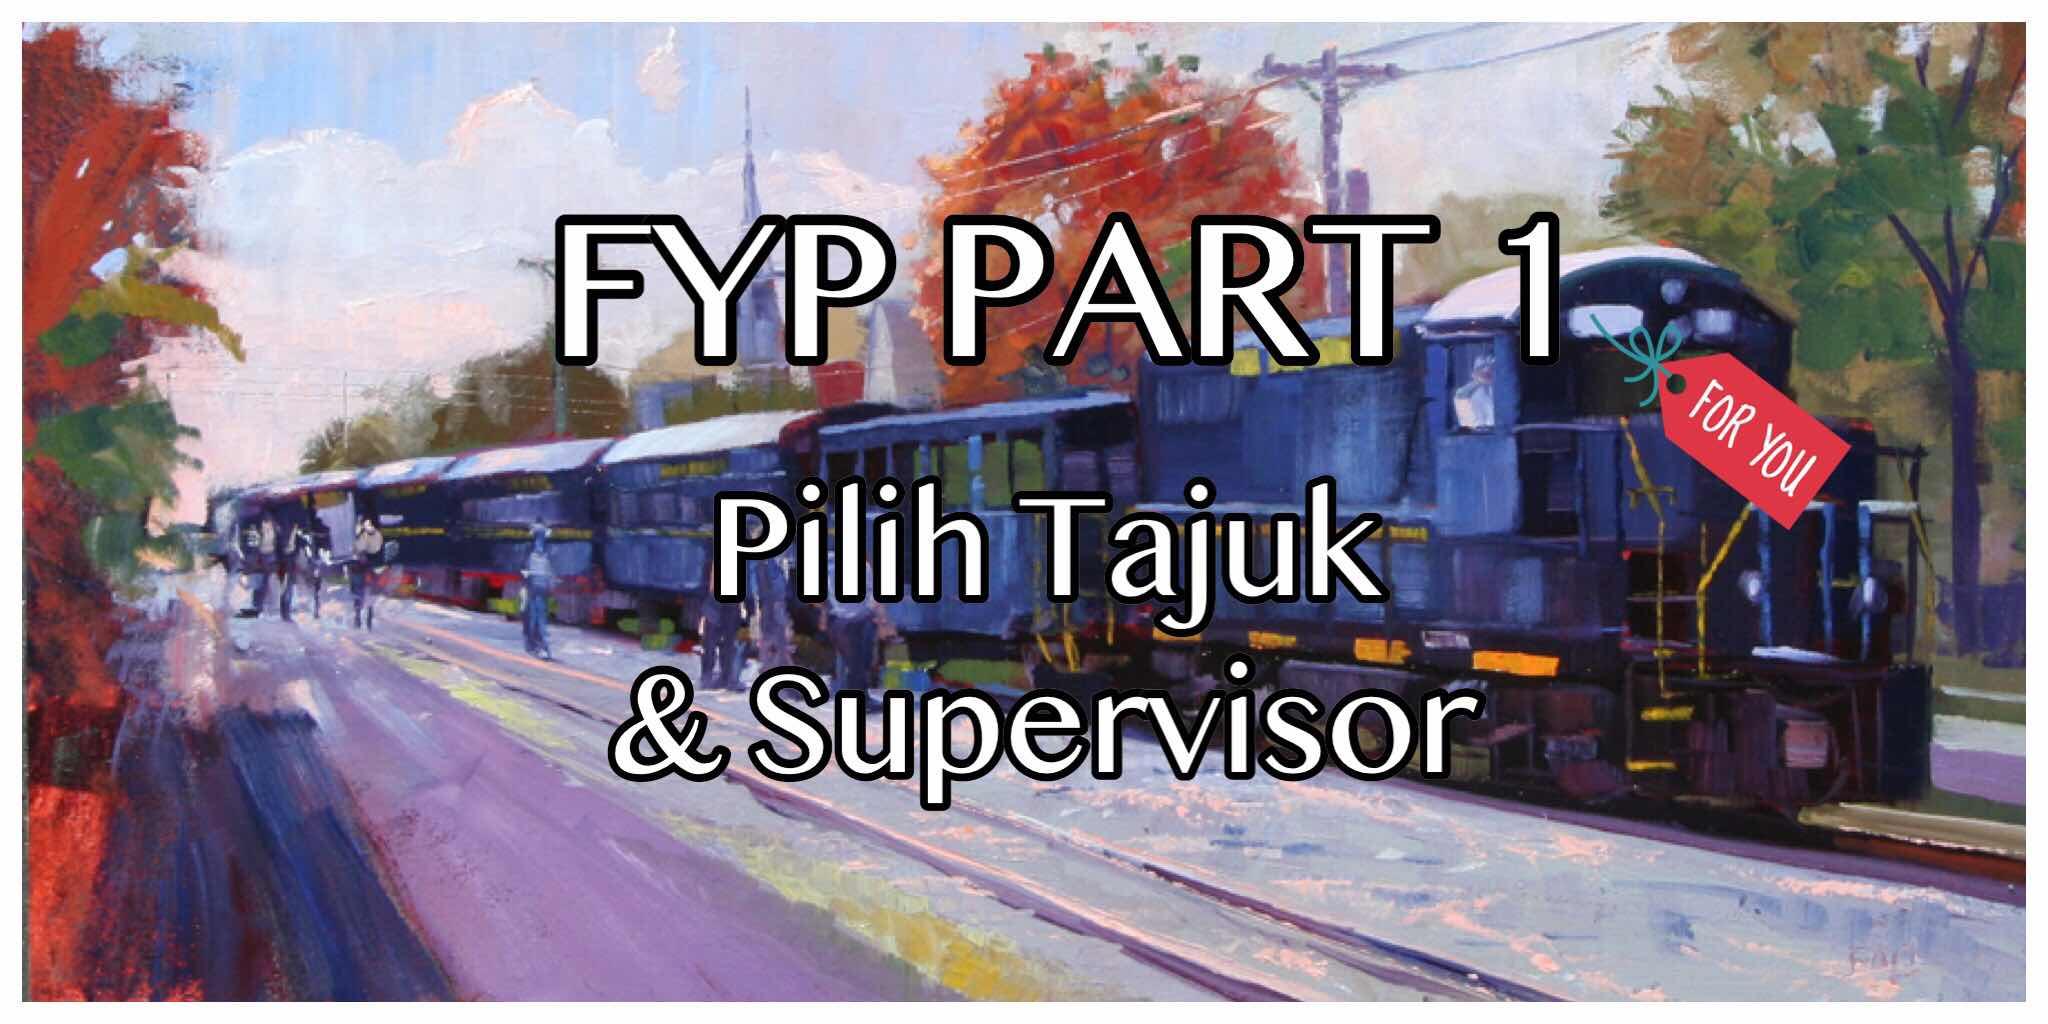 Tips Pilih Tajuk dan Supervisor FYP